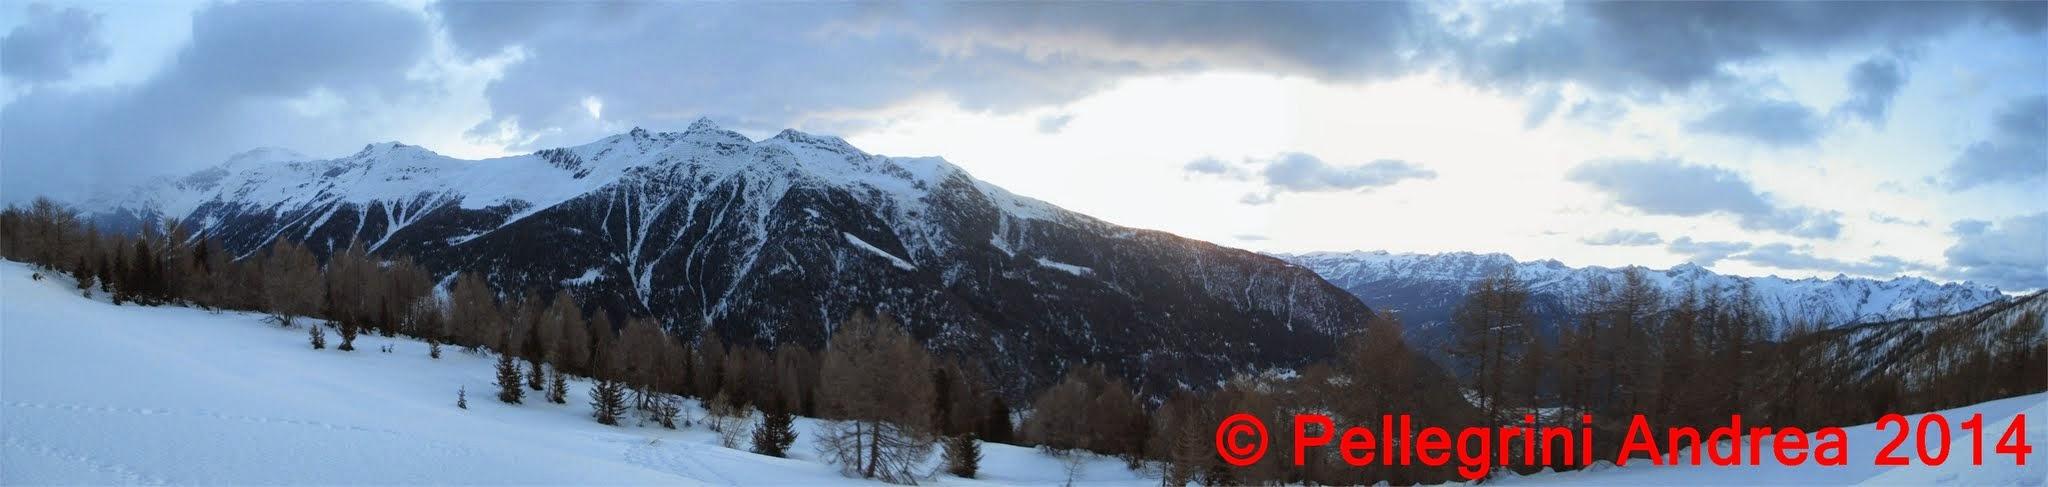 Photo: Panorama 1 dalle cime sopra Cogolo verso sud,dal pianoro 2142